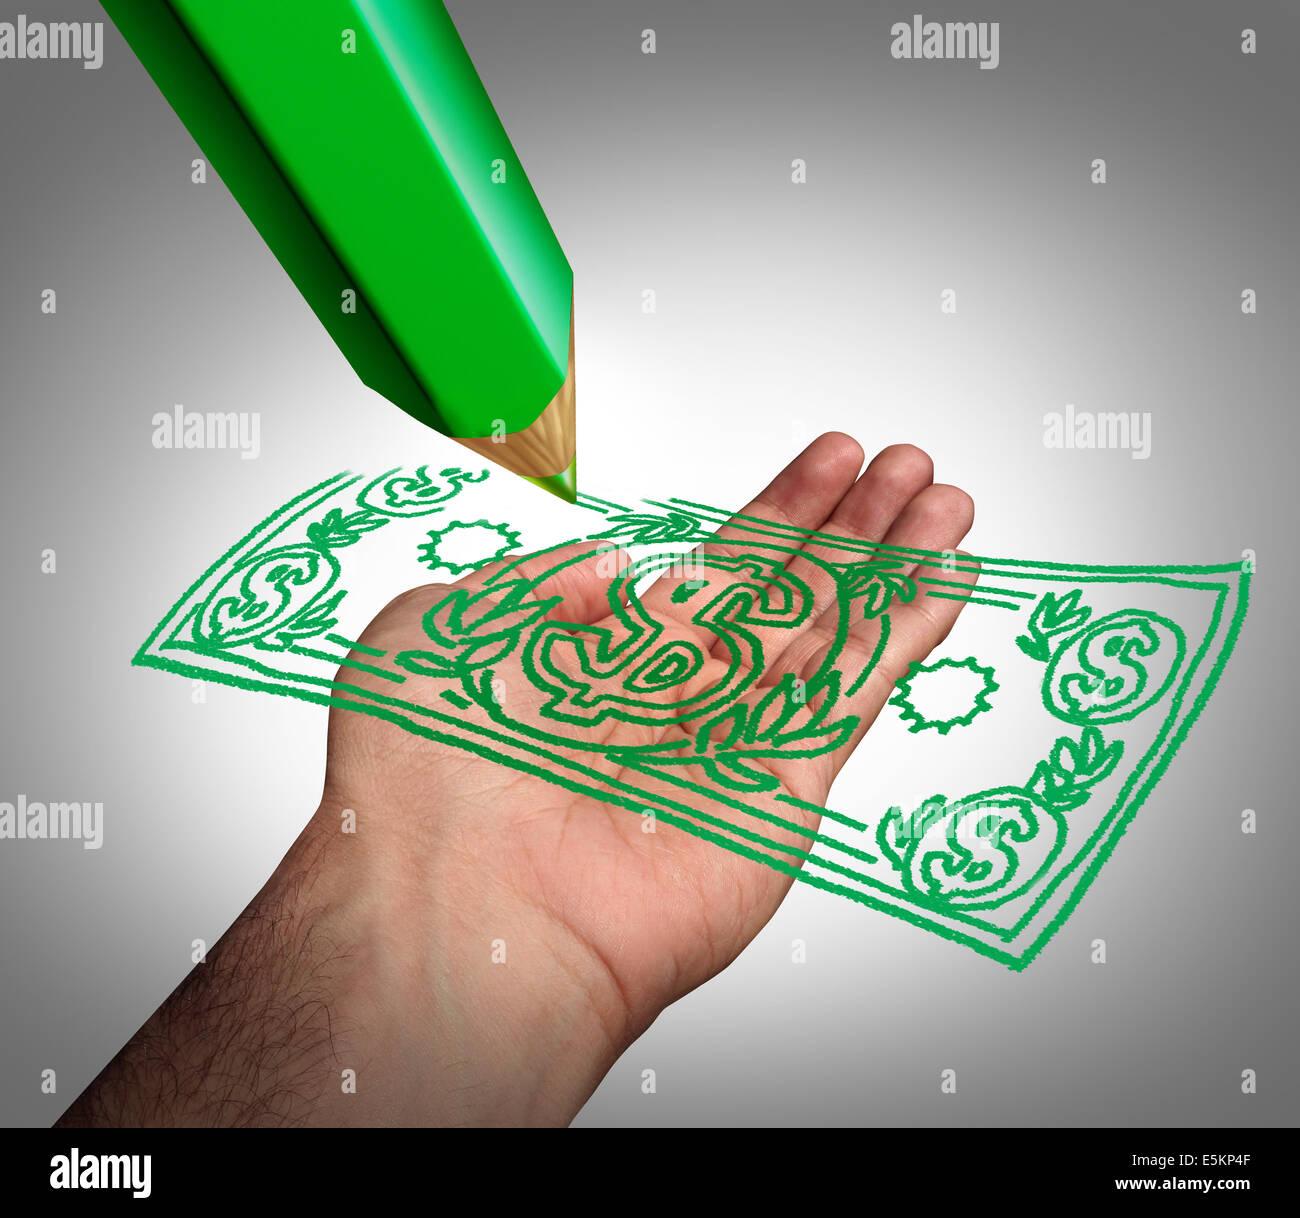 Machen Geld-Business-Konzept als eine grüne Bleistiftzeichnung einer Dollar-Währung auf eine geöffnete Stockbild